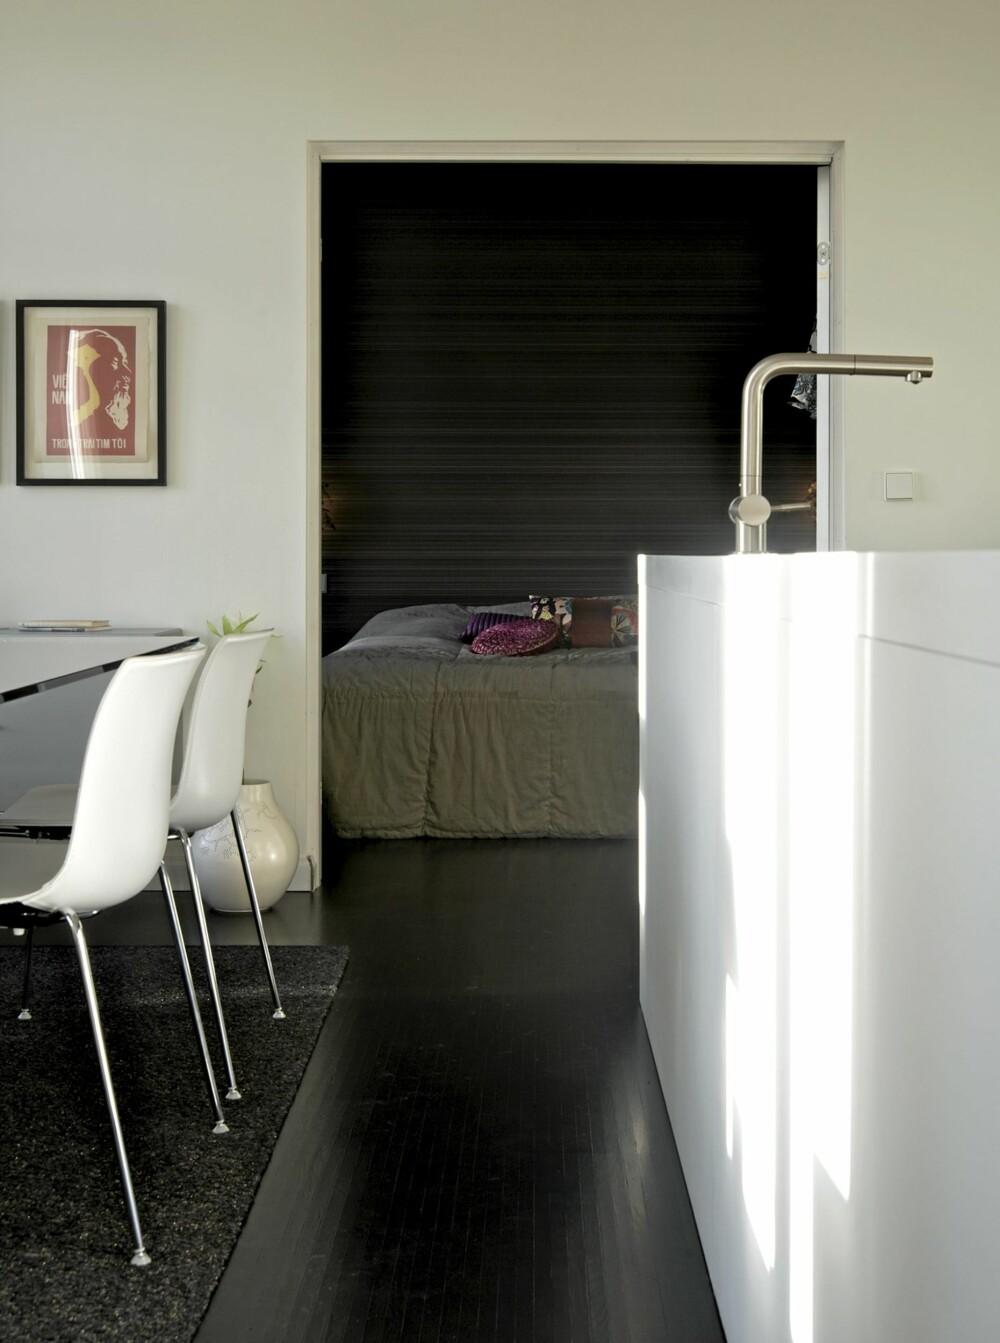 RETT MOT SOVEROMMET: Her ser du hvordan kjøkkenet danner midtpunktet i leiligheten, og at soverommet ligger i den ene enden av rekken av rom. Catifa spisestuestoler fra italienske Arper. Et mørkbeiset tregulv og en renskåren portal inn til soveværelset matsjer hverandre.